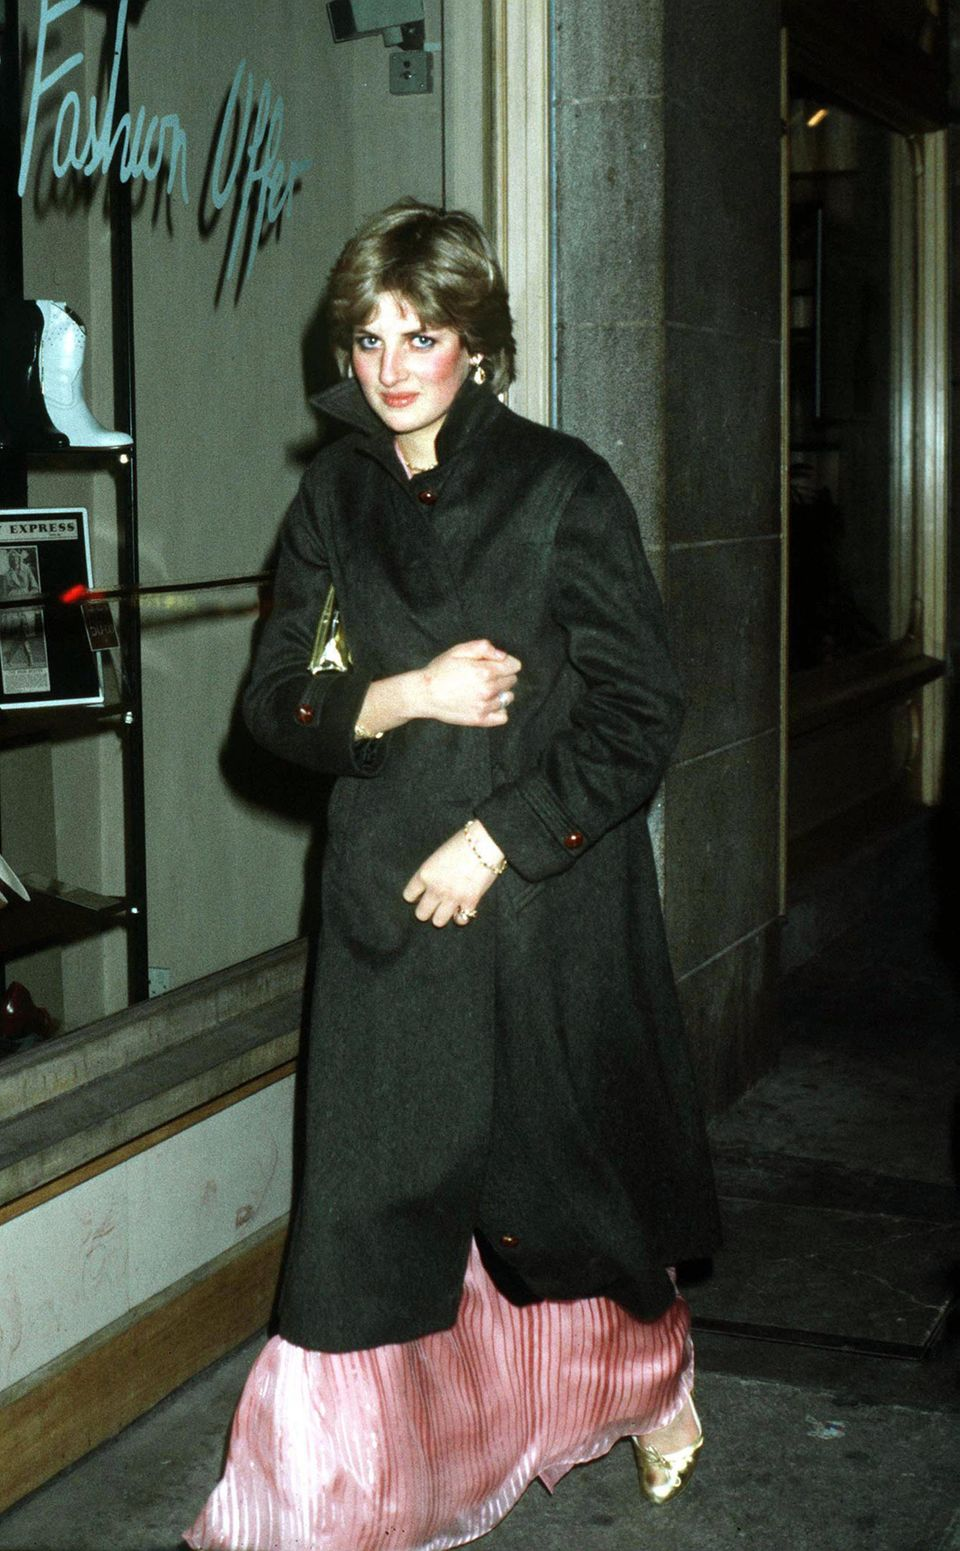 Princess Diana Was Always A Fashion Icon As These Striking Photos